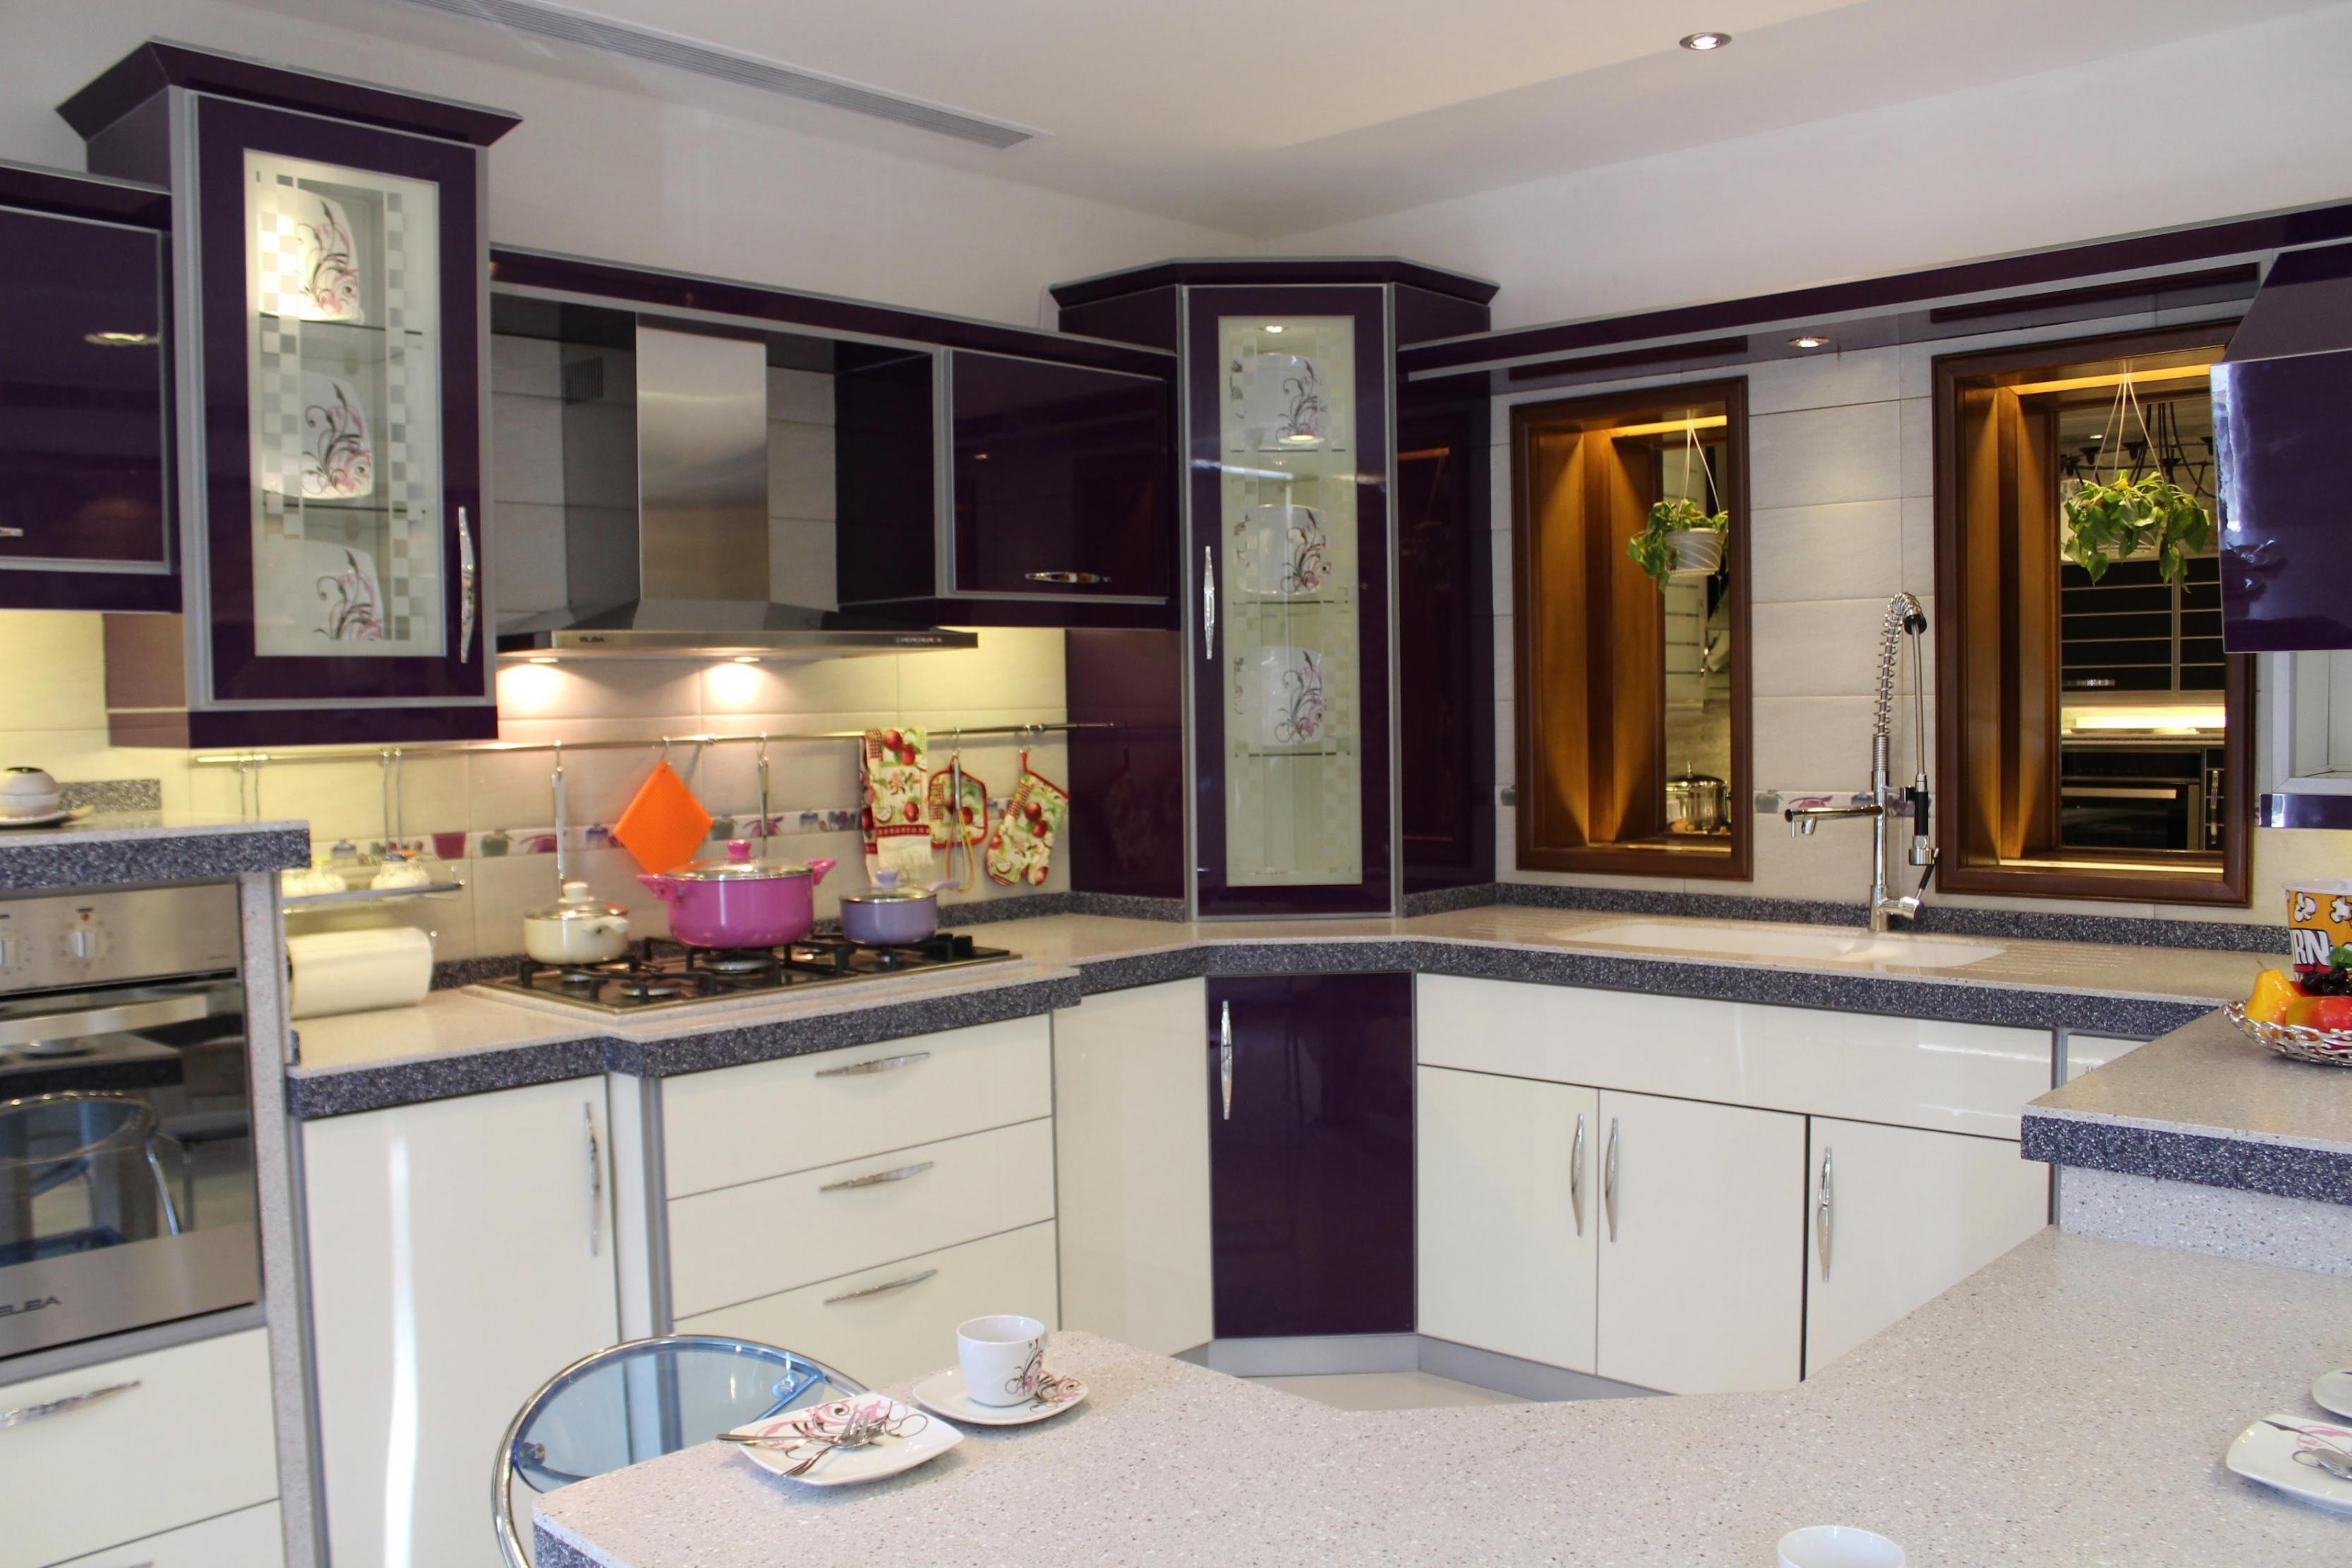 بالصور احدث تصميمات المطابخ , لكى تكونى مميزه اهتمى باختيار تصميم مطبخك بنفسك 5810 2